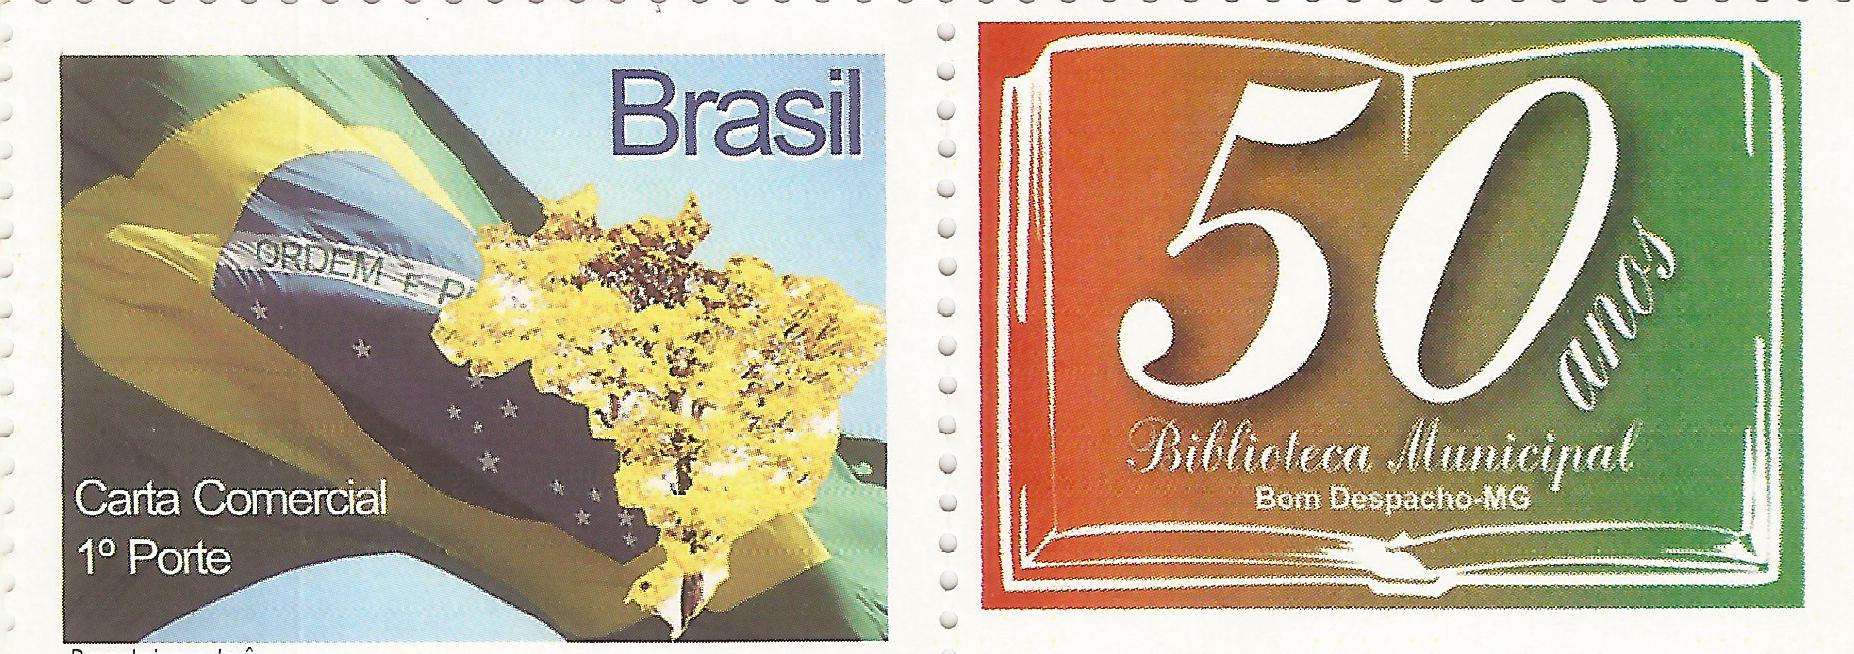 Selo postal em homenagem ao cinquentenário da Biblioteca